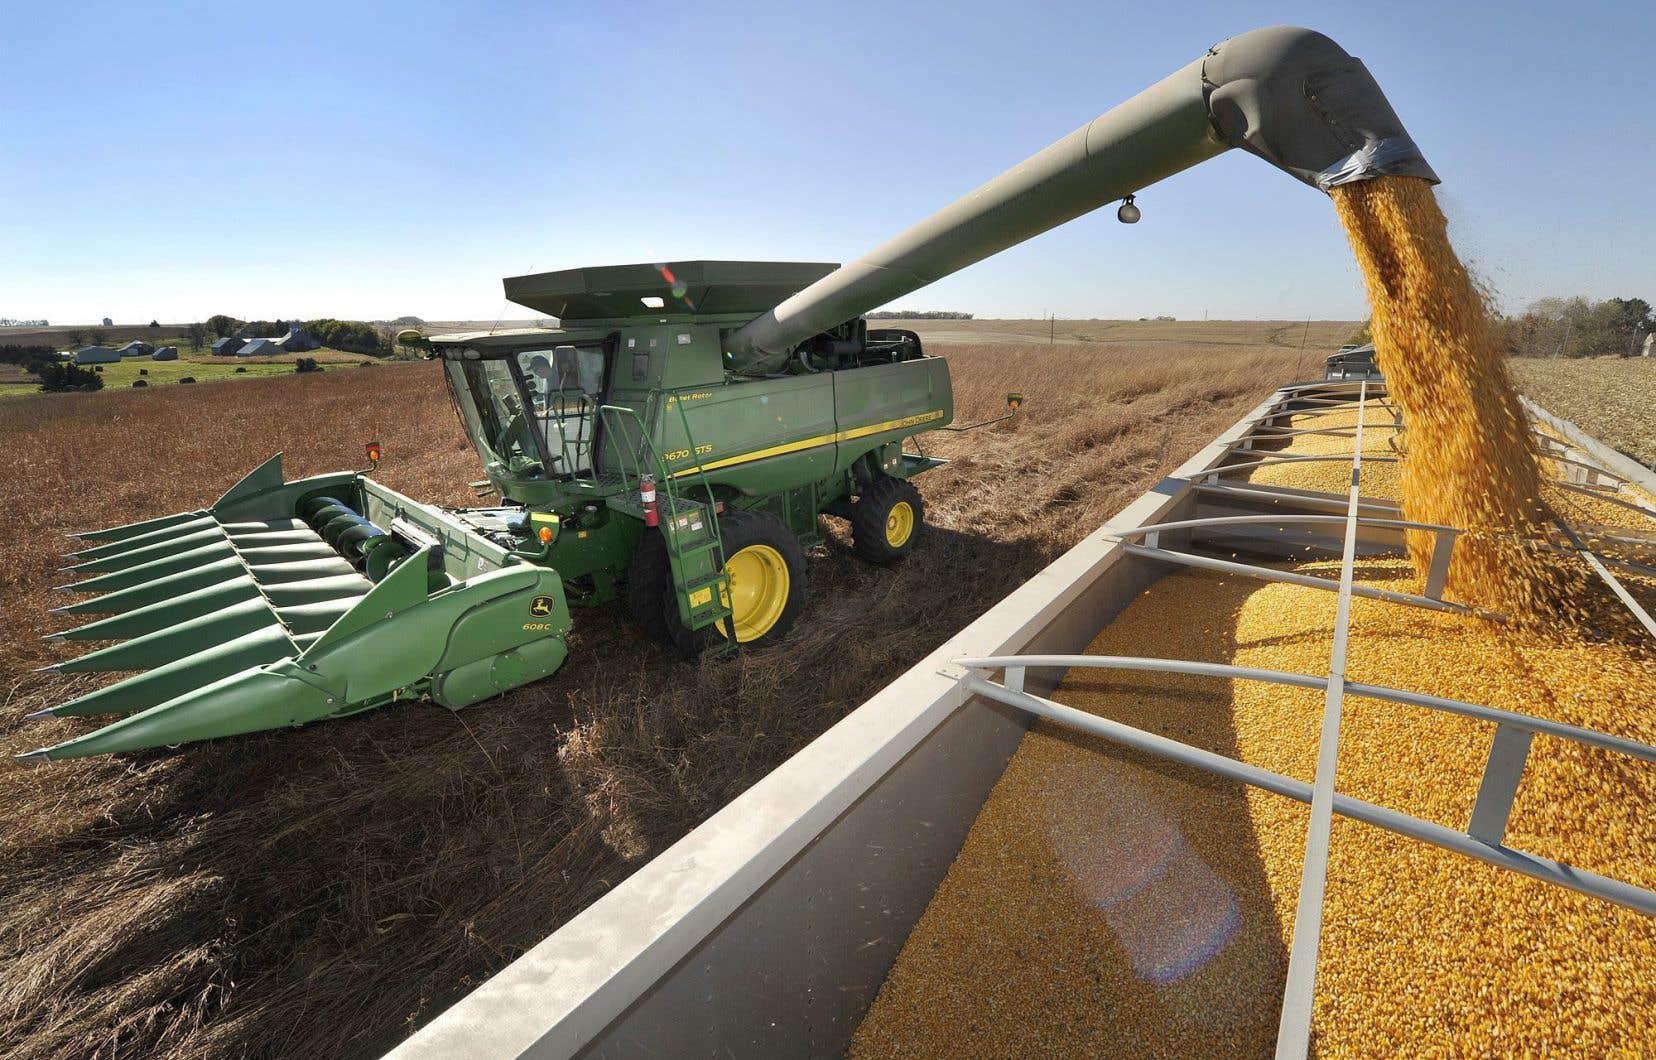 Le maïs génétiquement modifié pose aussi un risque particulièrement élevé pour les producteurs de grains bios.